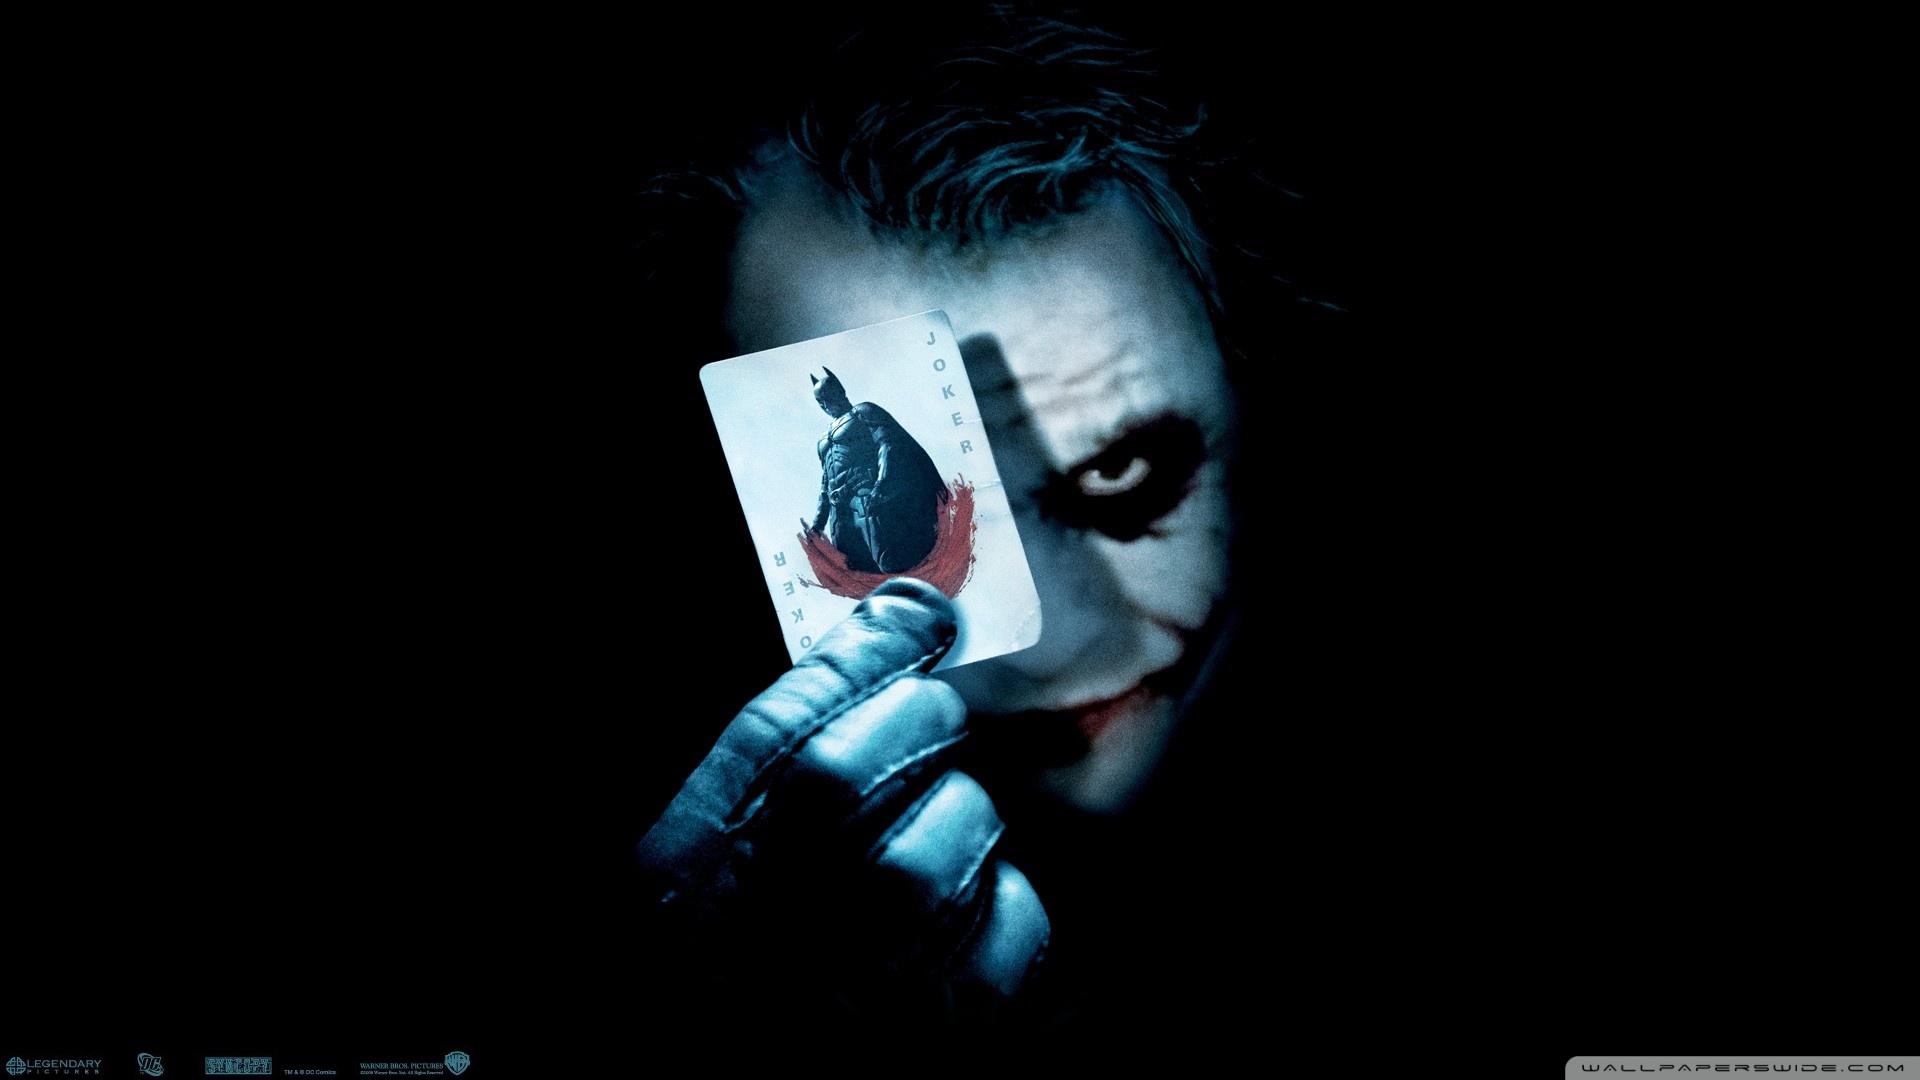 The Dark Knight HD desktop wallpaper : Widescreen : High Definition